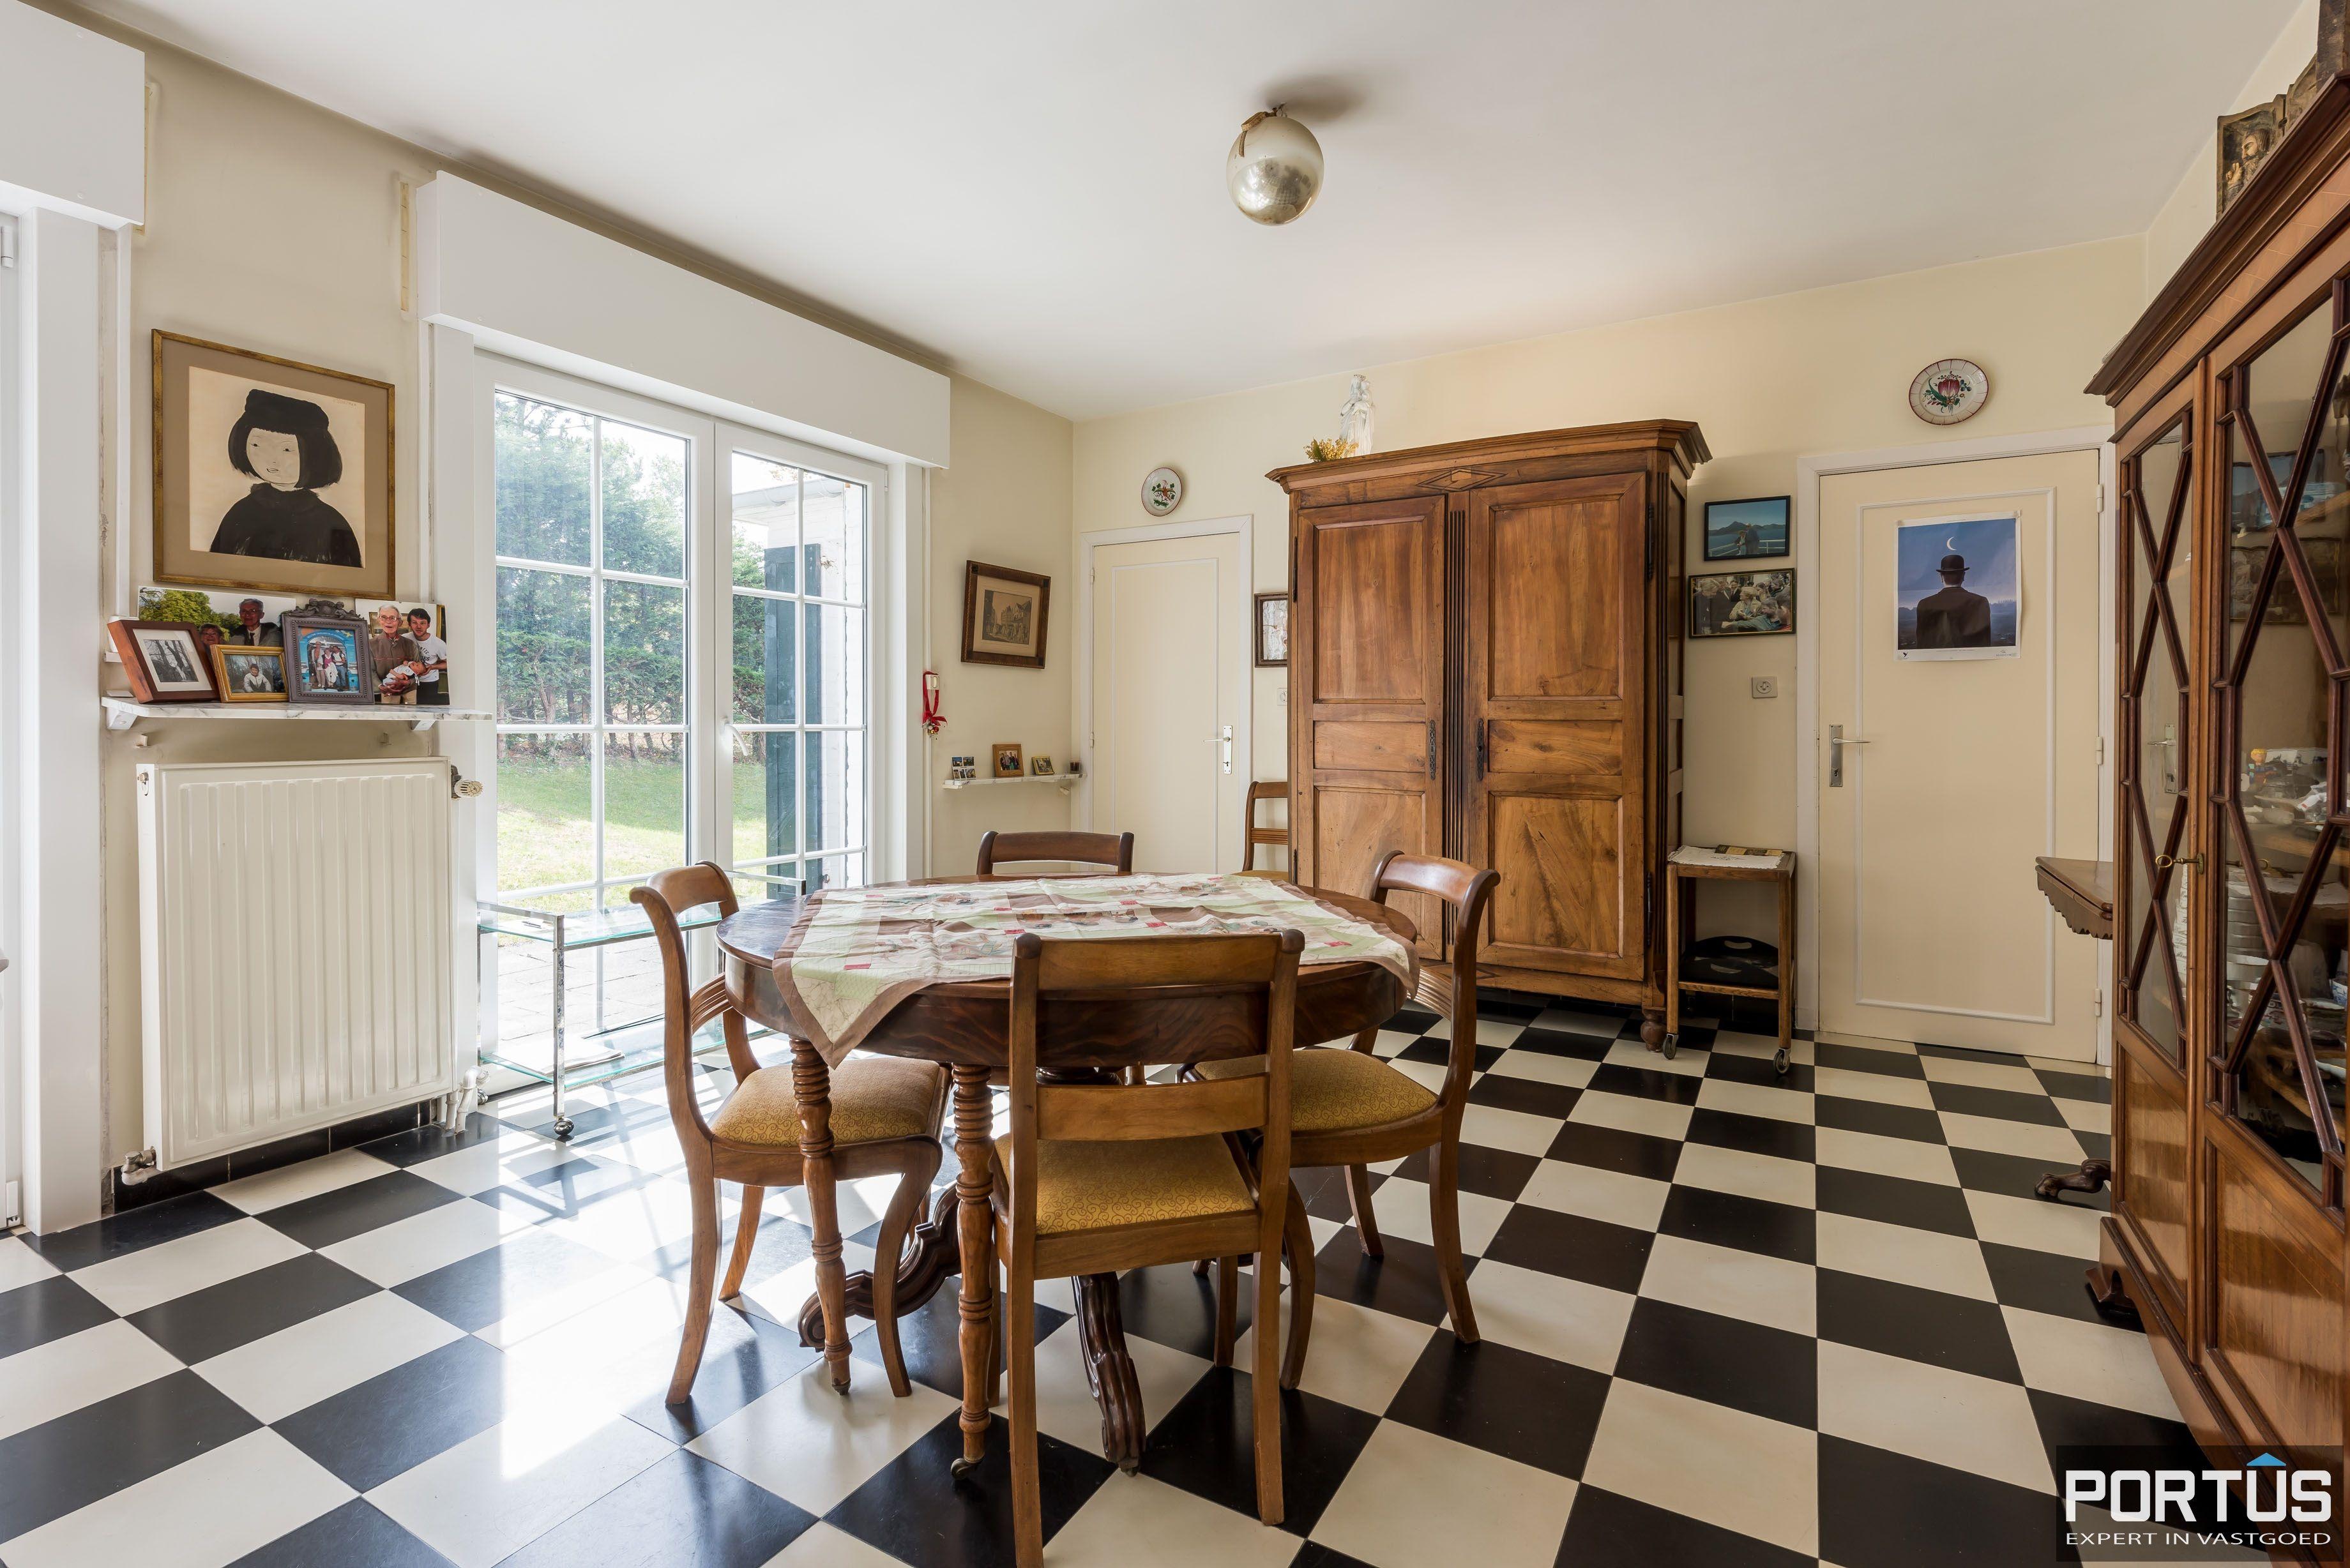 Villa te koop Nieuwpoort - 6214